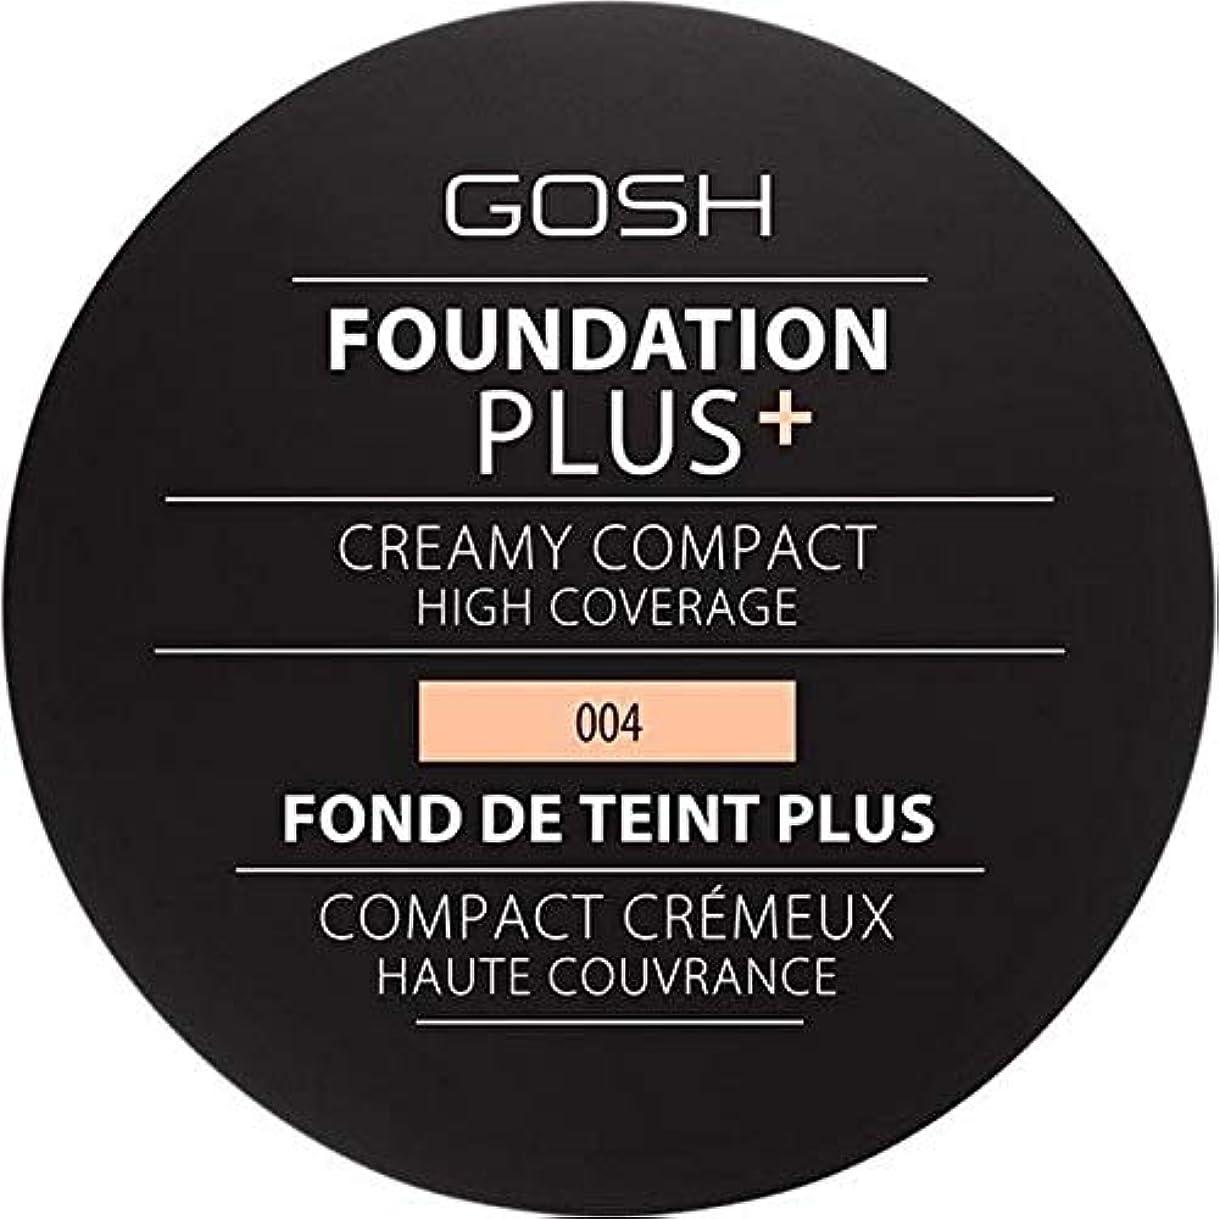 シガレットベアリング火傷[GOSH ] 基礎プラス+クリーミーコンパクトな自然004 - Foundation Plus+ Creamy Compact Natural 004 [並行輸入品]